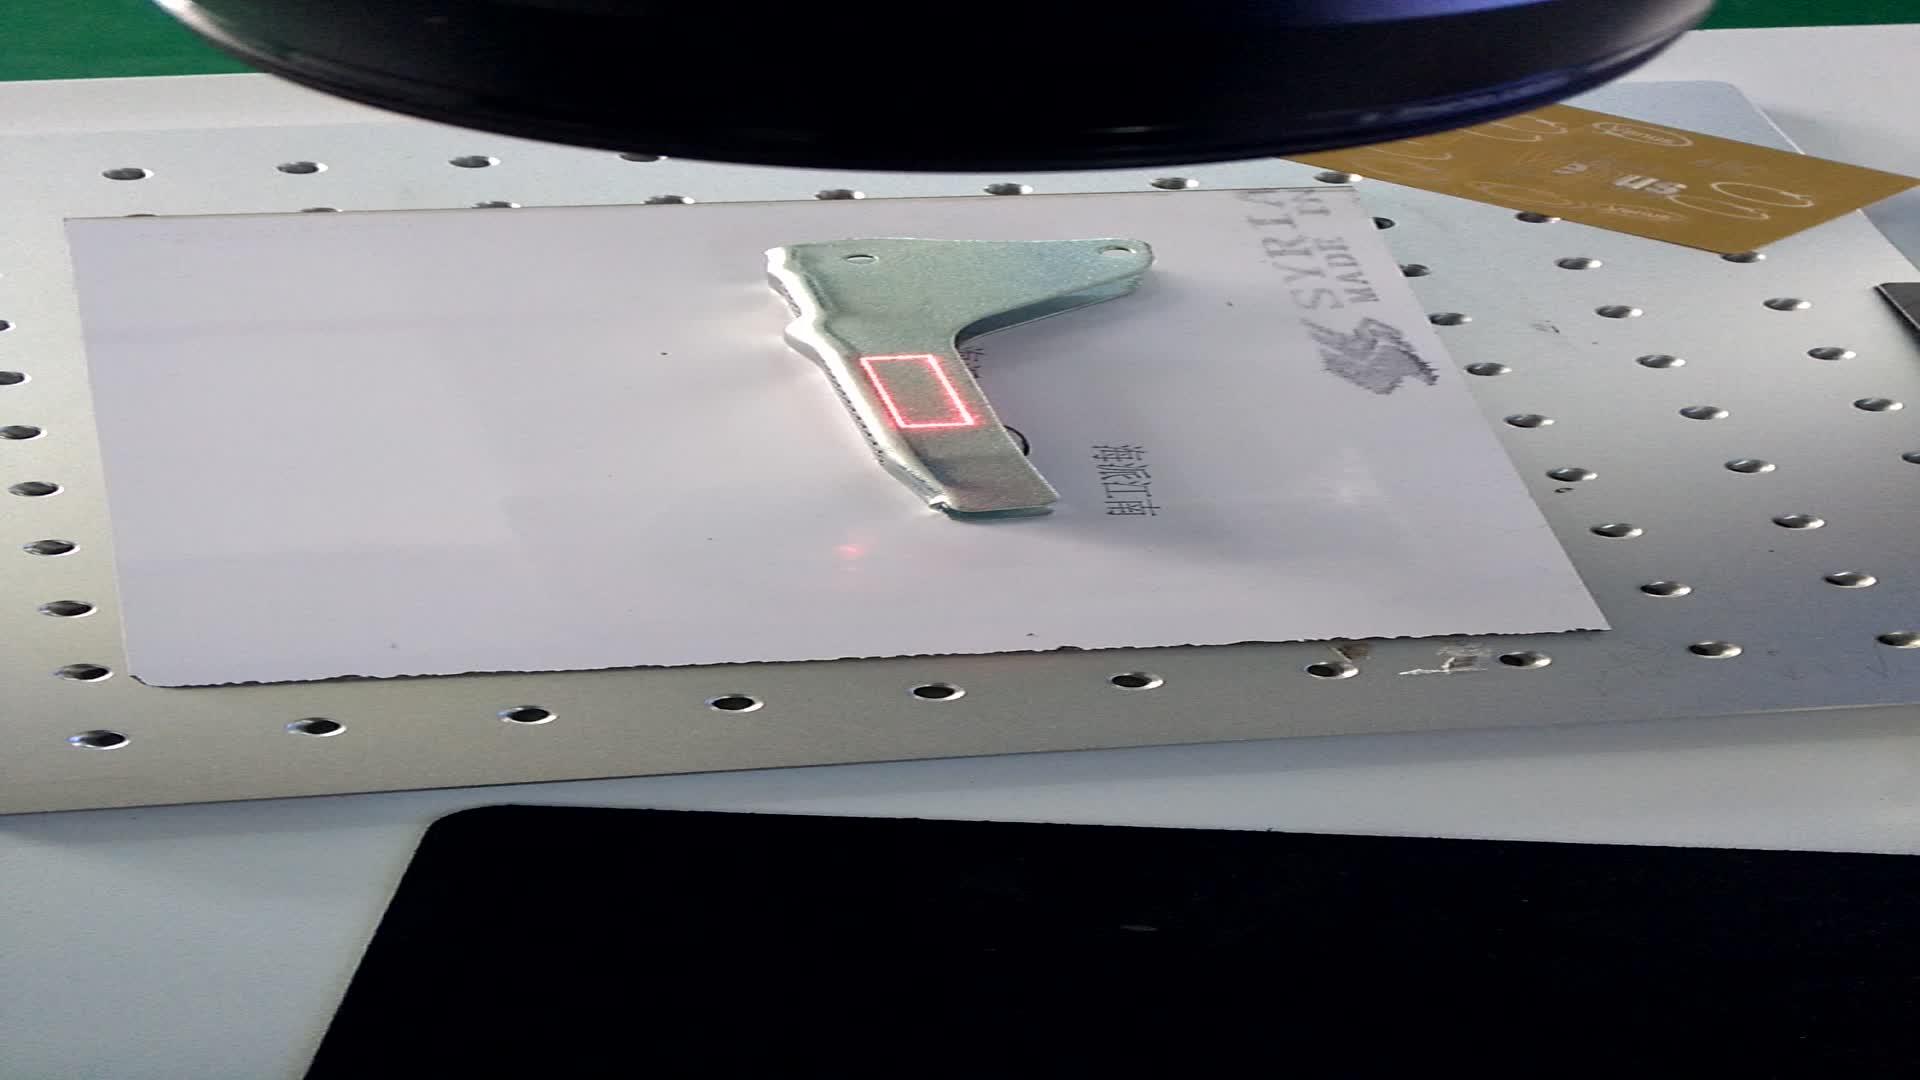 Carton/giấy bao bì y pill trường hợp thời gian ngày in ấn Kim Loại Laser Sợi Quang Học Máy Đánh Dấu cho Mang